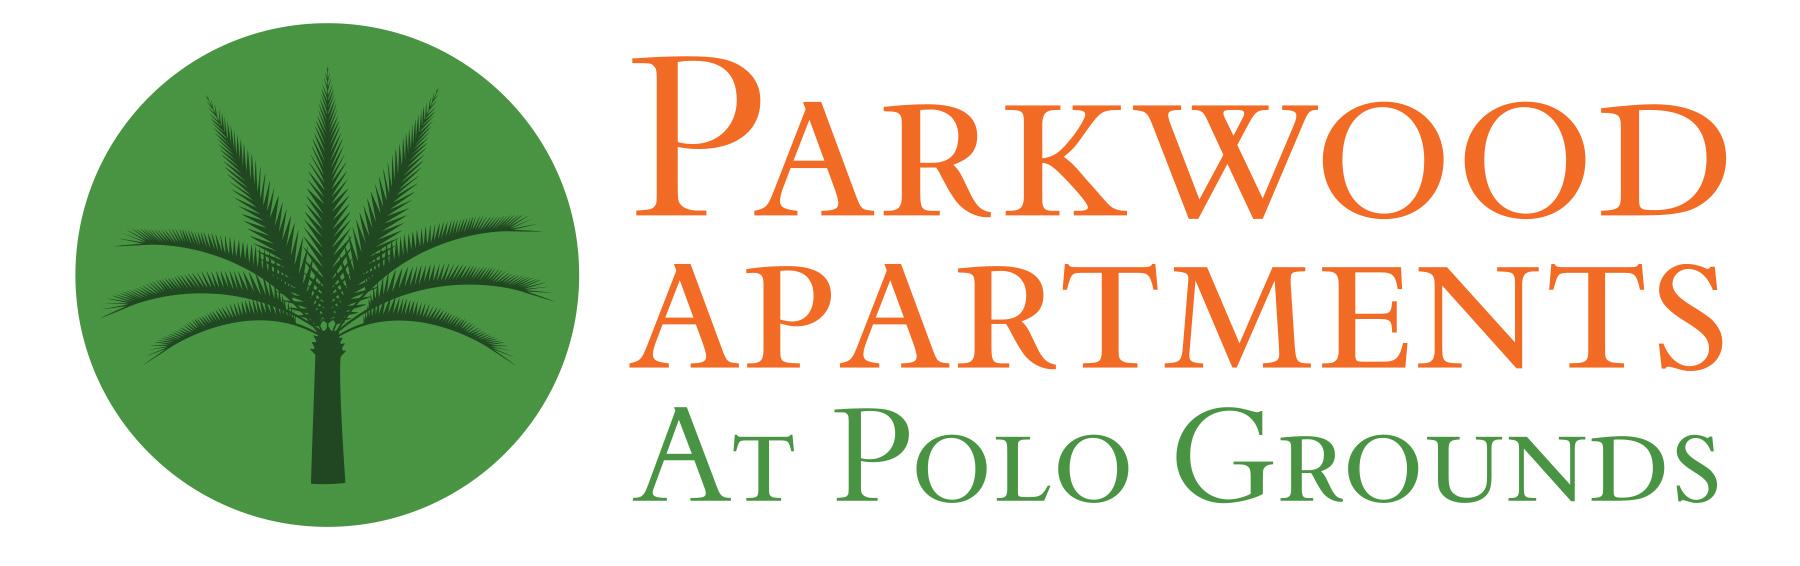 logo_parkwood